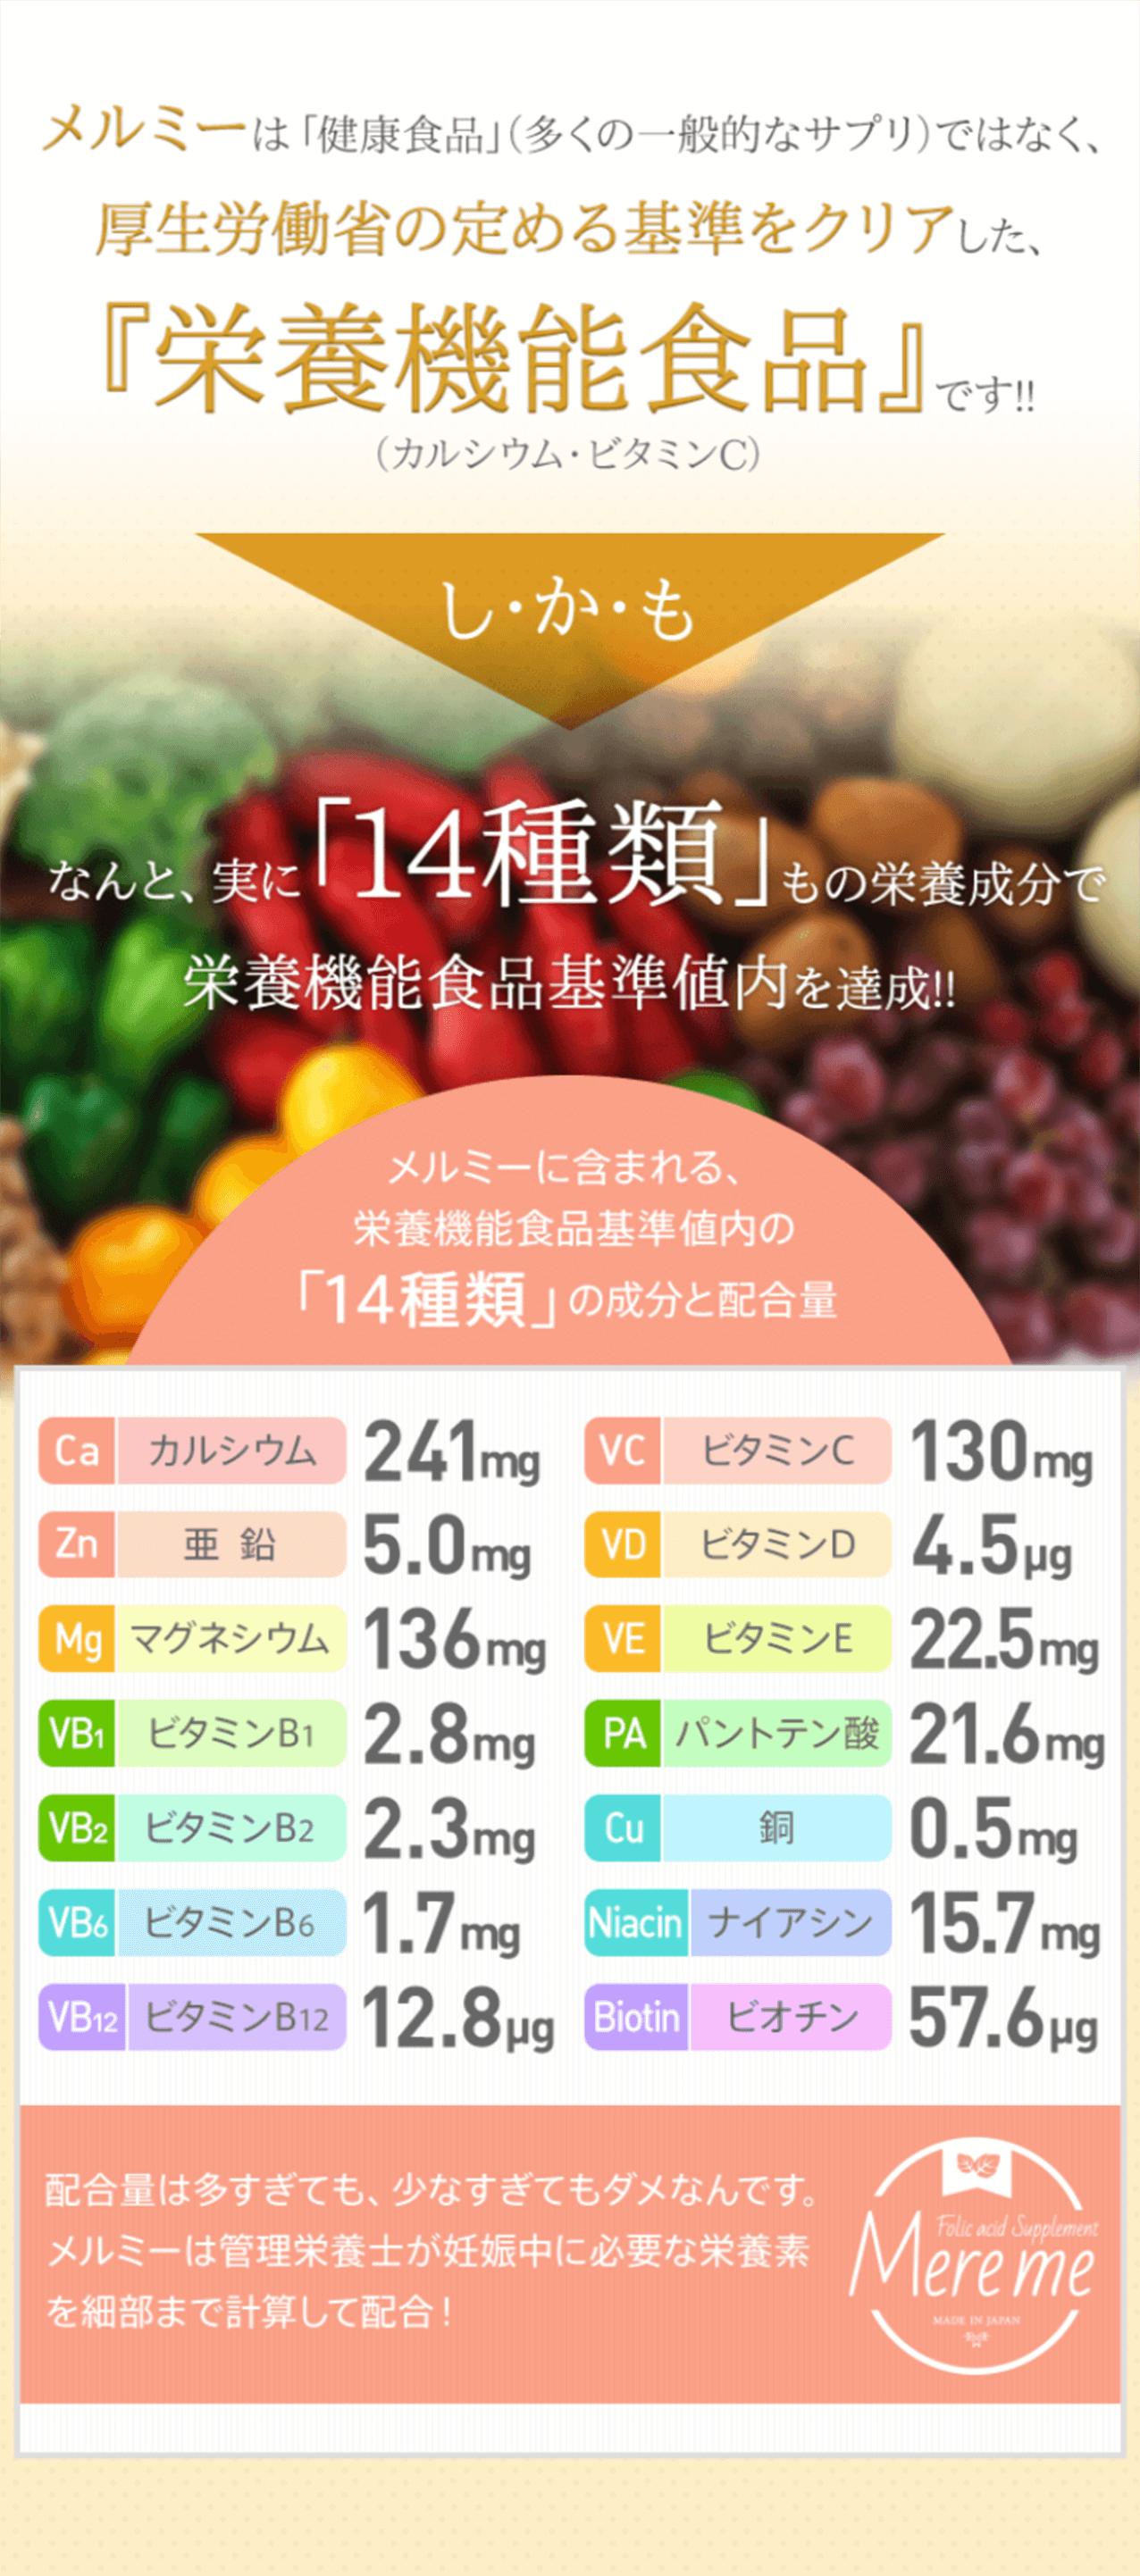 メルミーは「健康食品」(多くの一般的なサプリ)ではなく、厚生労働省の定める基準をクリアした、『栄養機能食品』です!(カルシウム・ビタミンC) しかもなんと、実に「14種類」もの栄養成分で栄養機能食品基準値内を達成!!メルミーに含まれる、栄養機能食品基準値内の「14種類」の成分と配合量